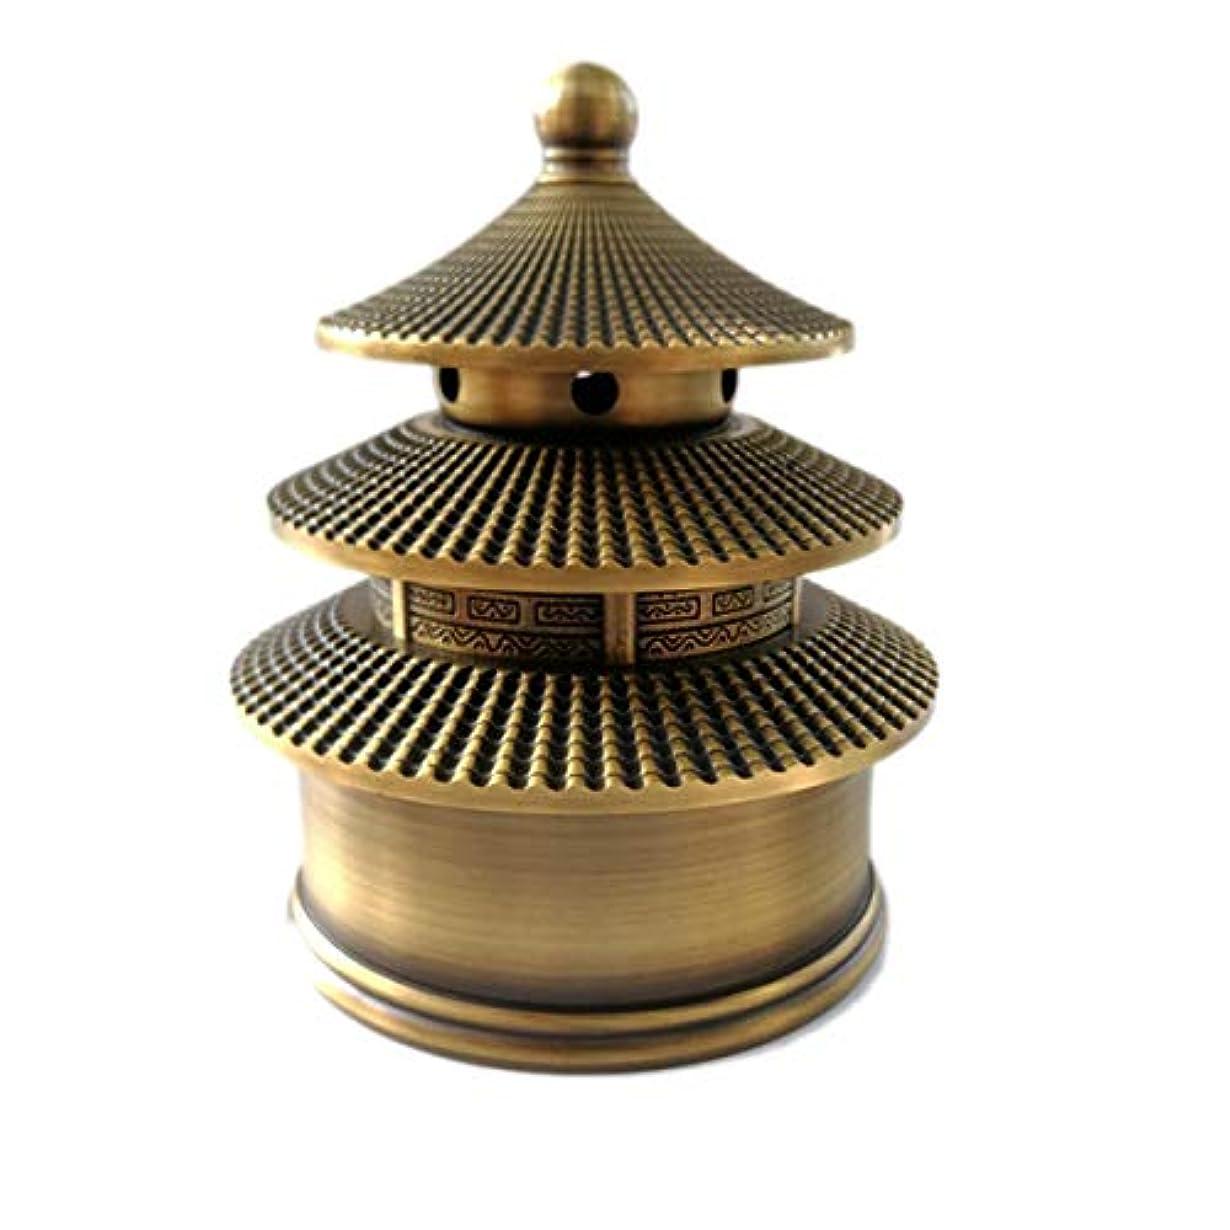 検査ラフ事真鍮香炉(富&幸運)お香バーナー-お香ホルダーを含む中国の古典的なスタイルの伝統的な技術